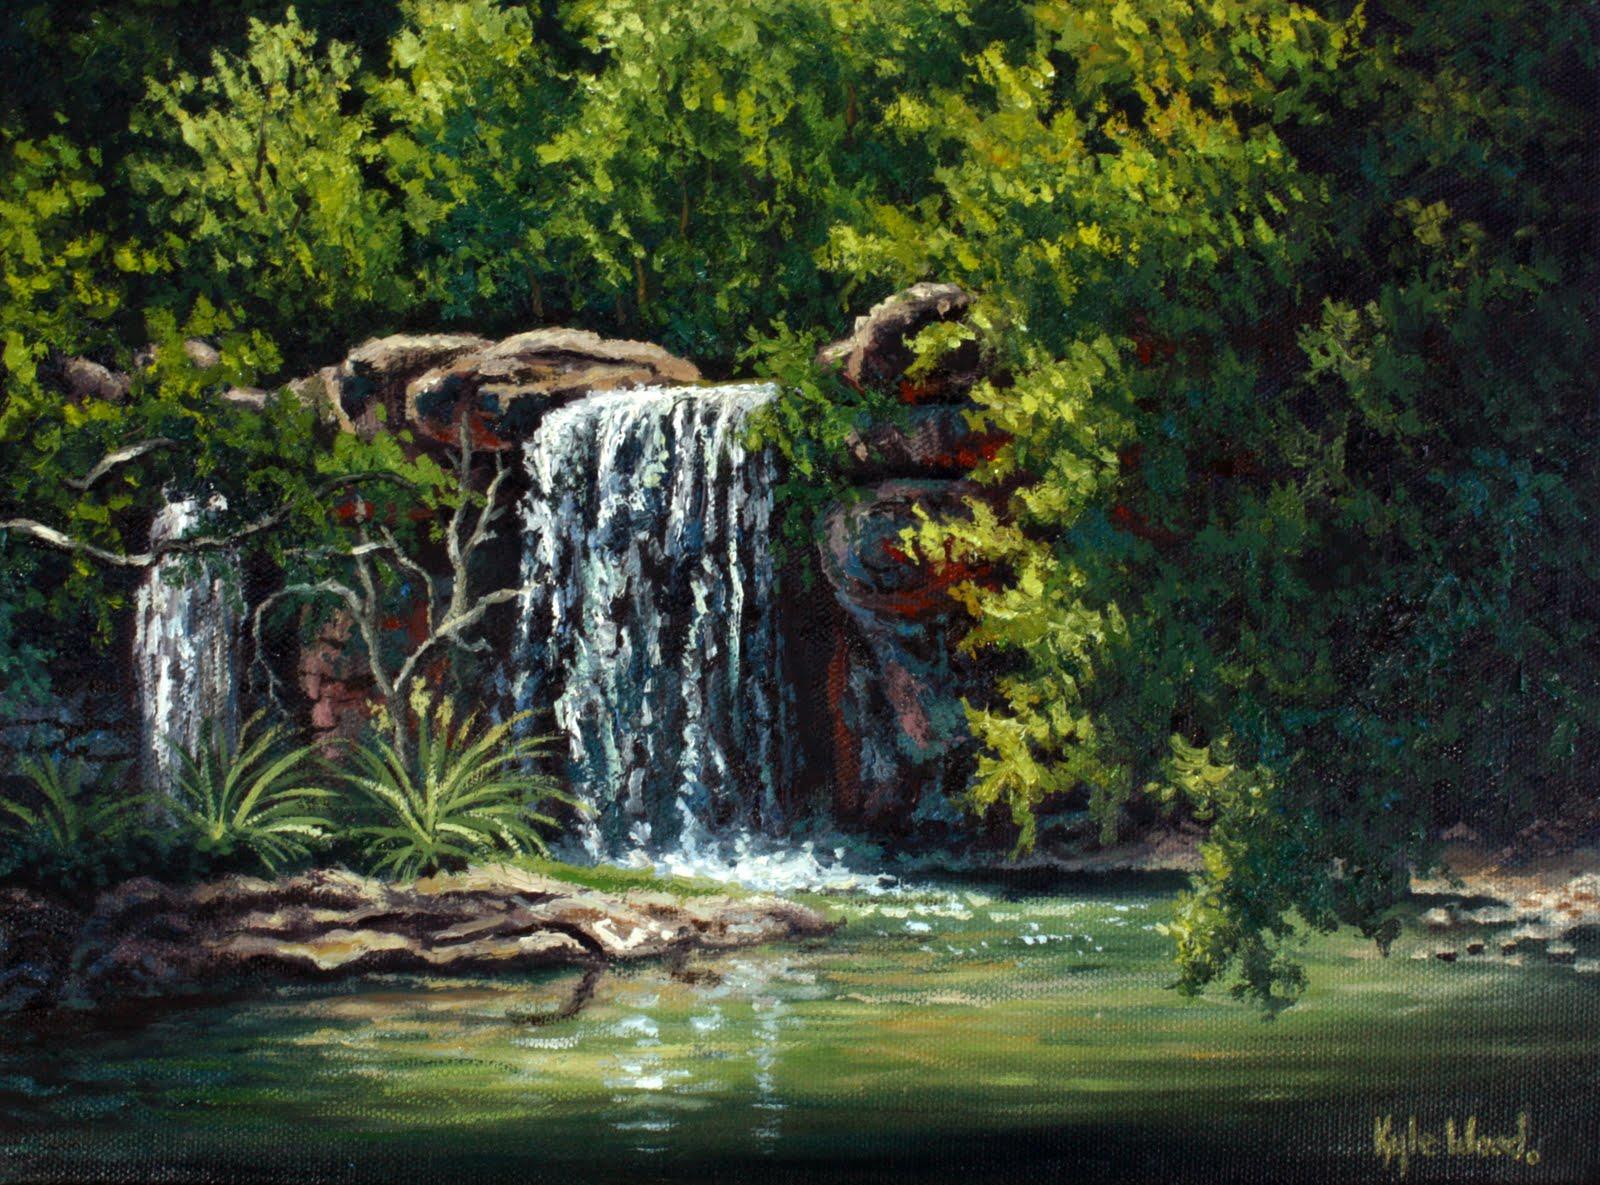 http://3.bp.blogspot.com/_2o5_4AZYdRI/TU9Xn40-2BI/AAAAAAAAADI/LWFVsbNWwAc/s1600/Grotto.jpg